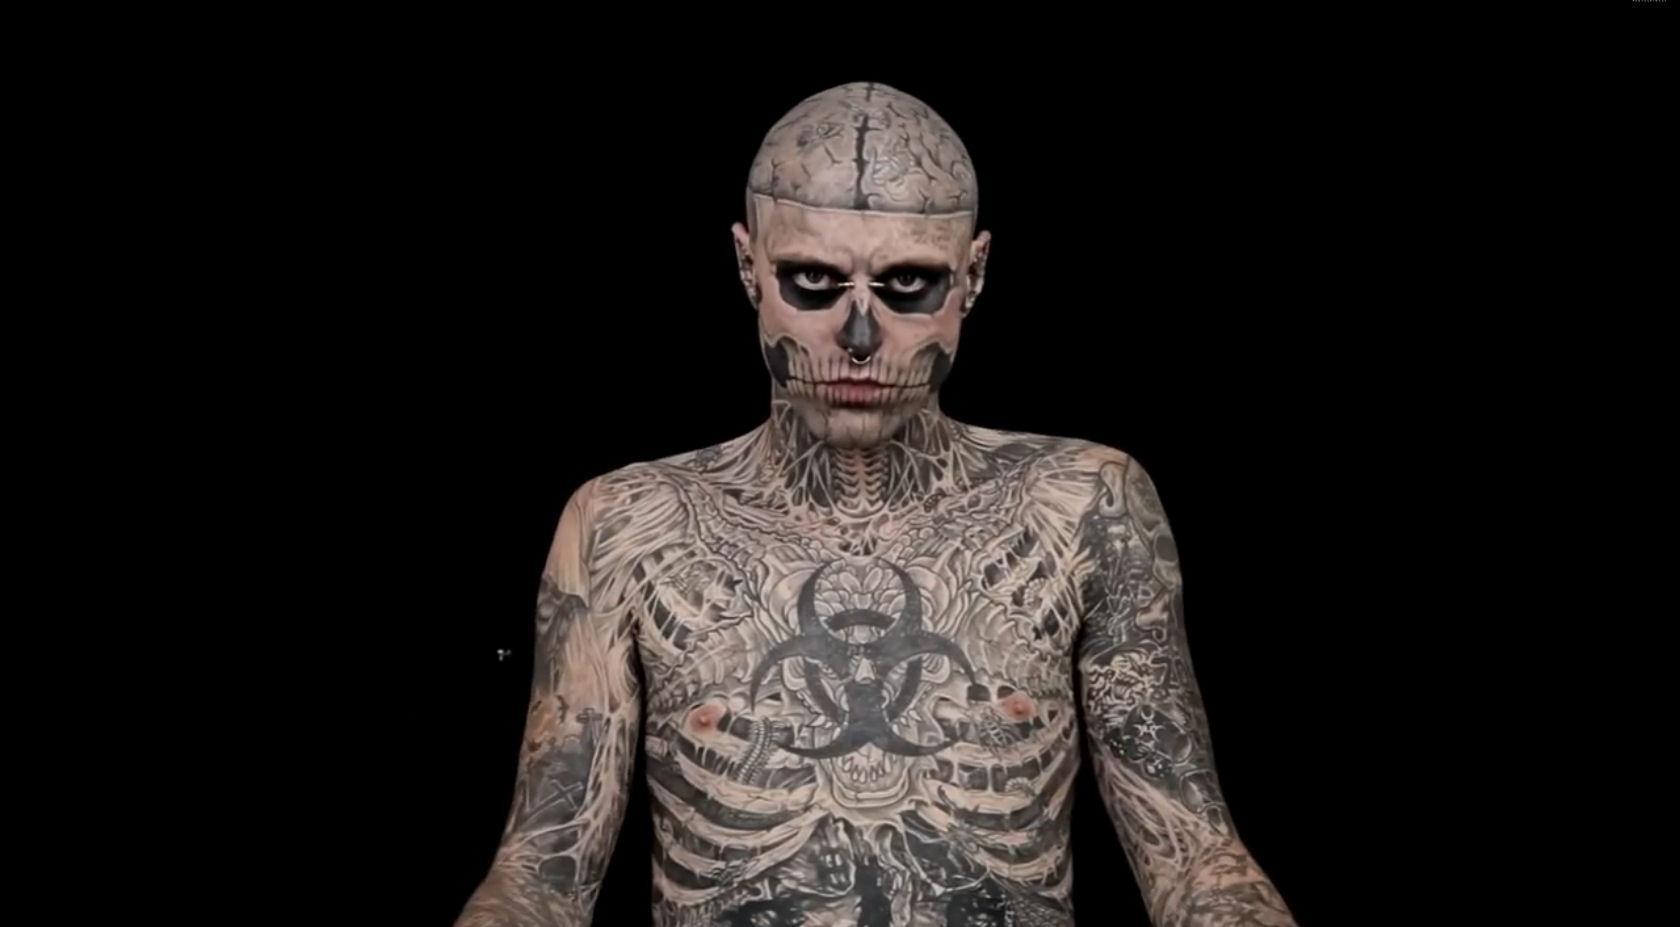 Tatouages301 les plus tatouages du monde - L homme le plus beau au monde ...